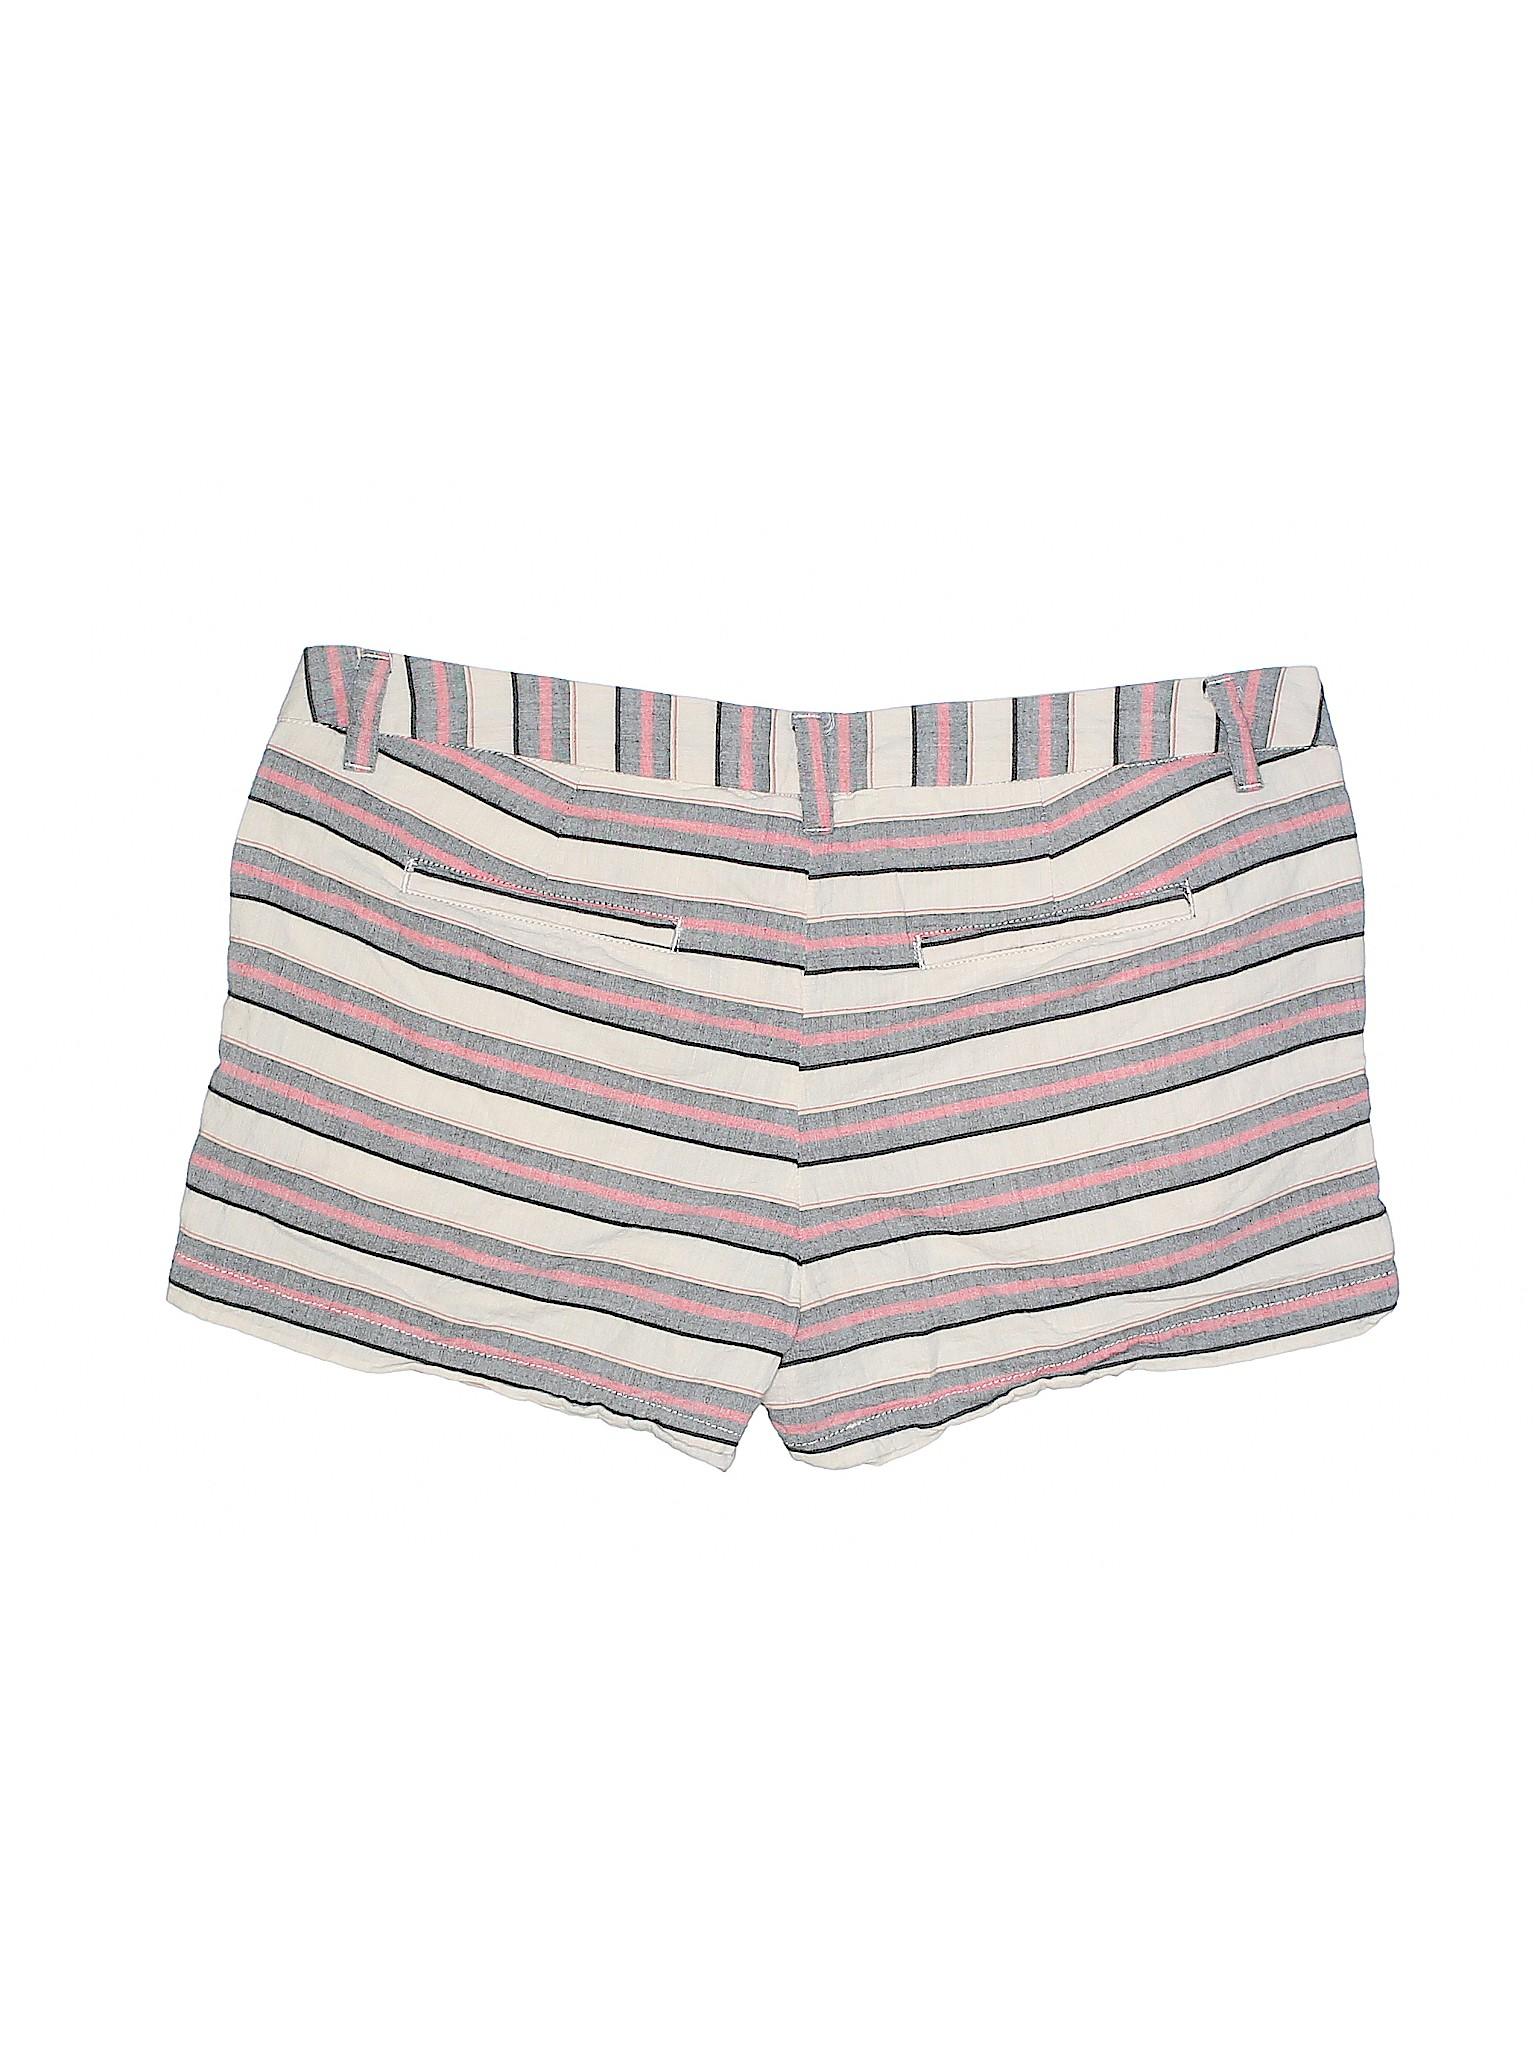 Shorts Boutique Boutique Shorts Merona Boutique Boutique Merona Shorts Merona Merona Zzw7Oq